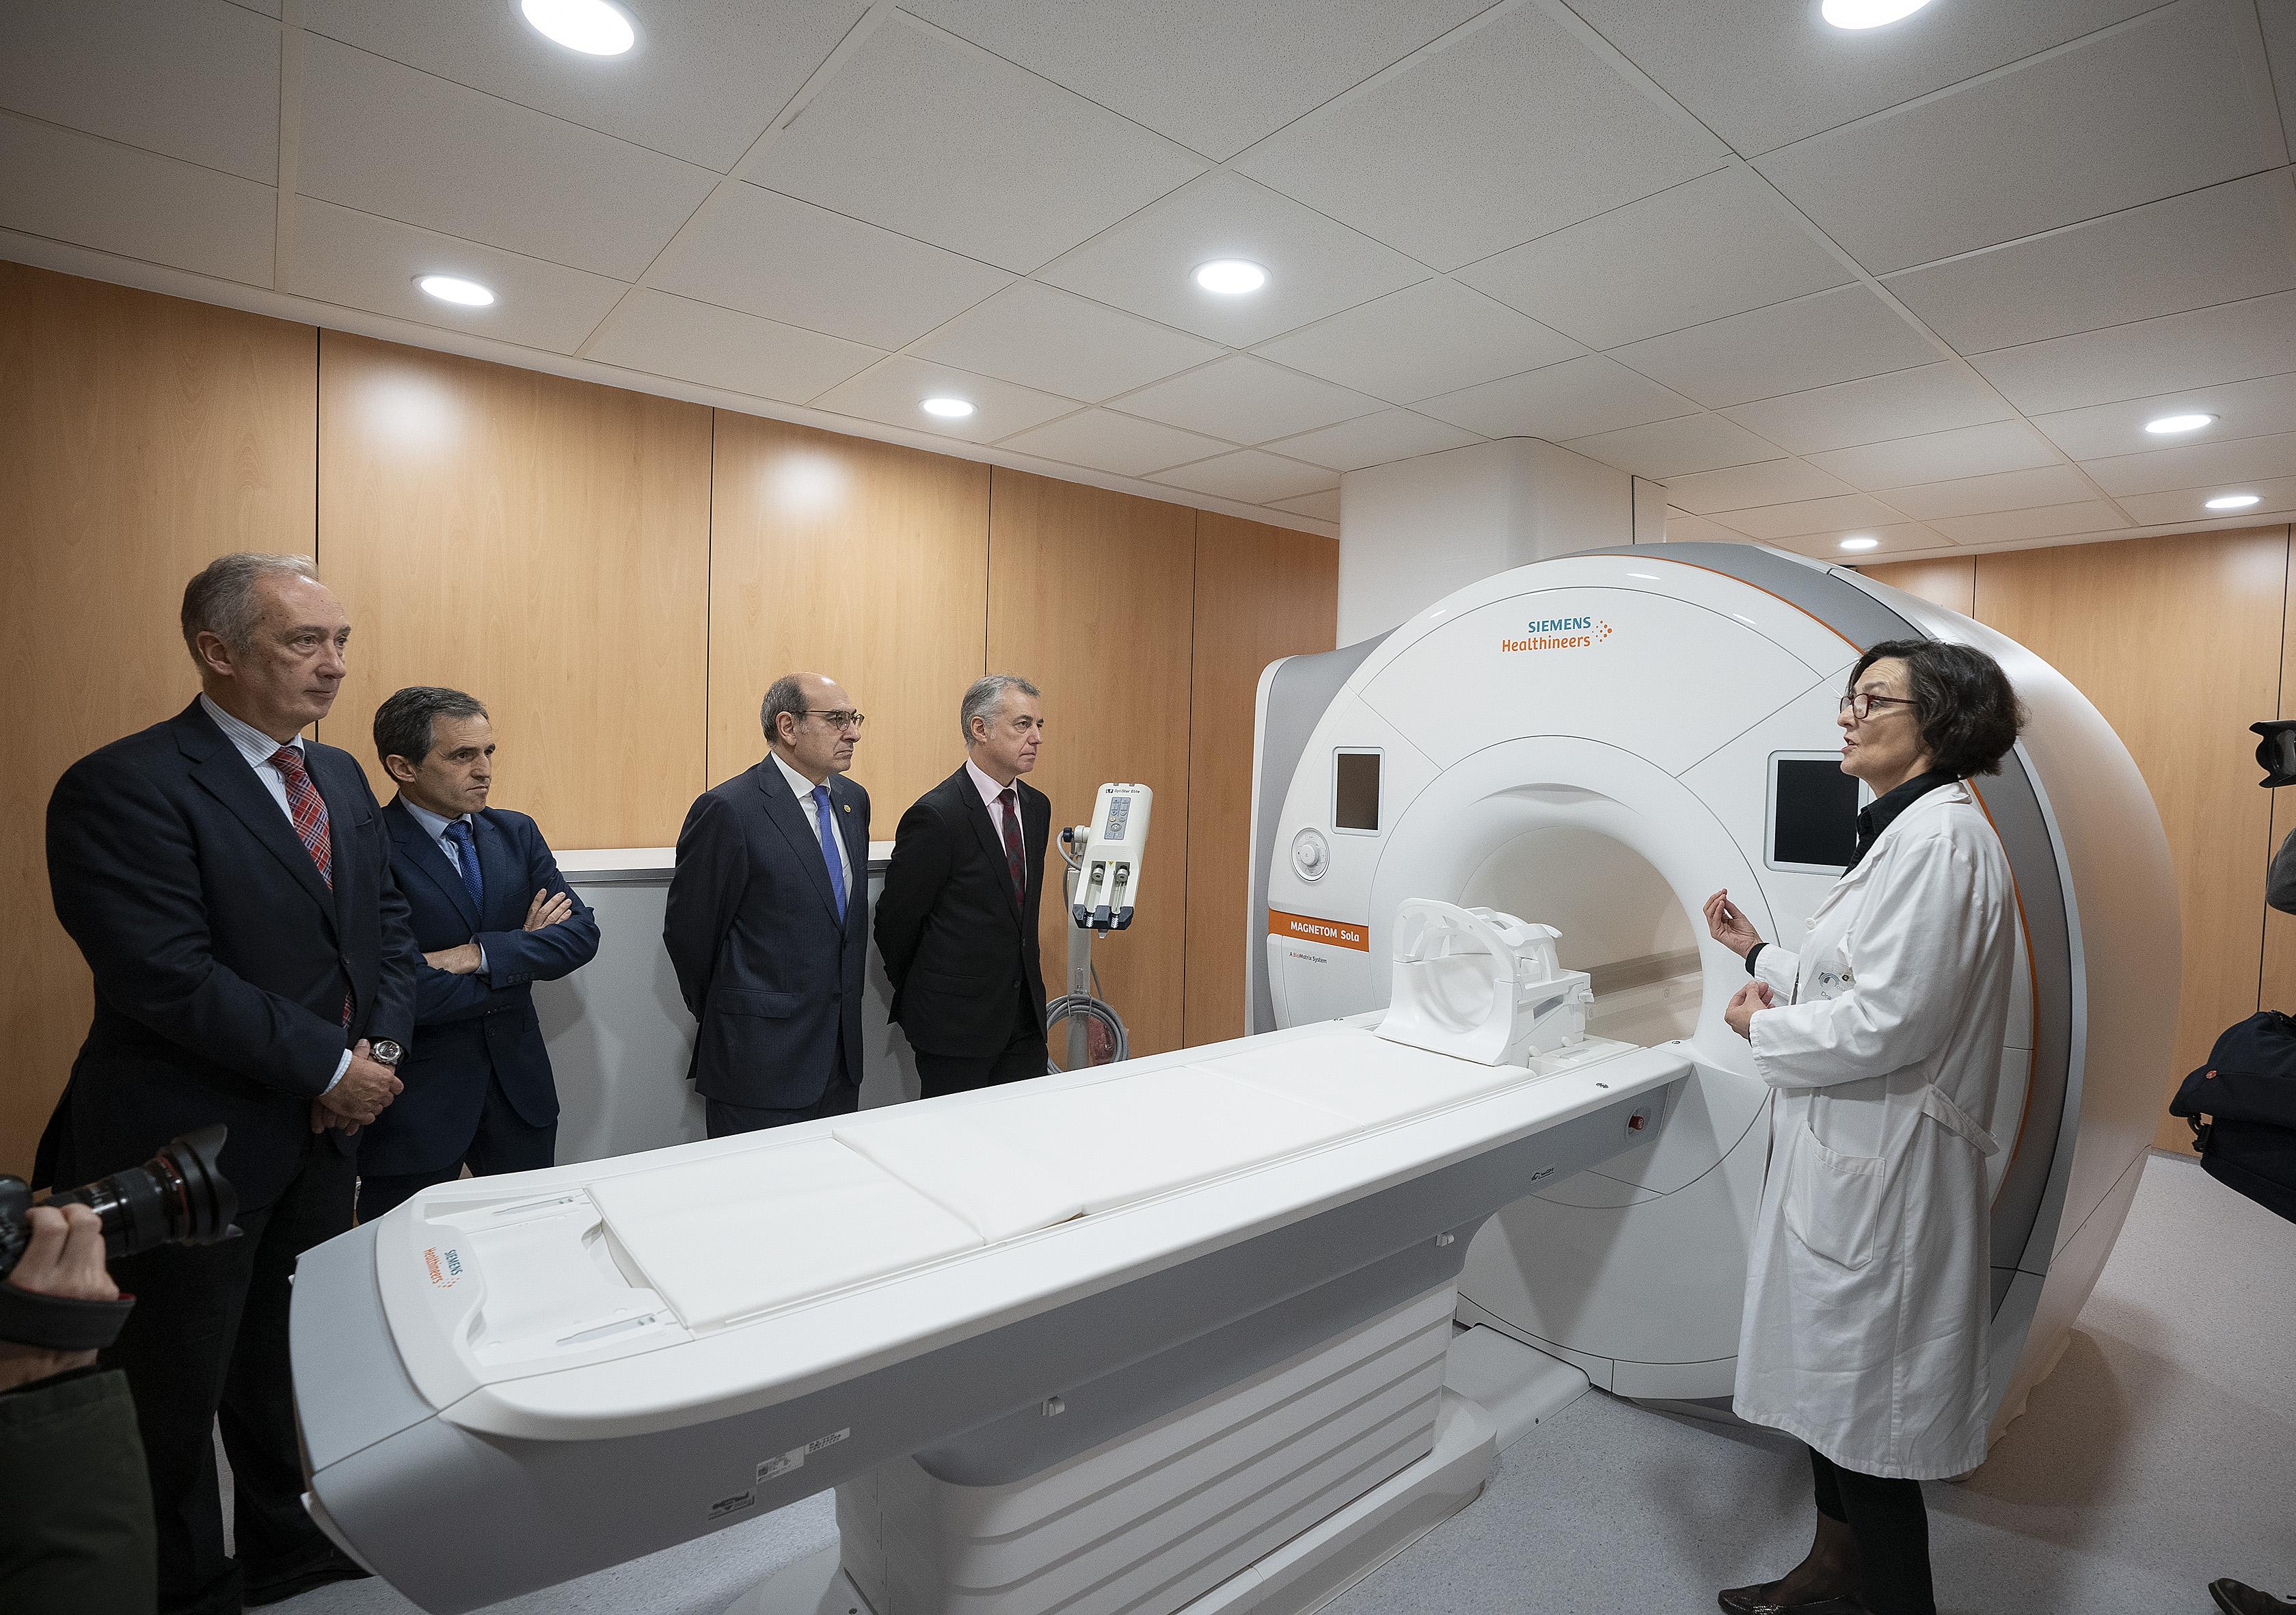 El Hospital Universitario Donostia se dota de un nuevo equipo de resonancia magnética de última generación